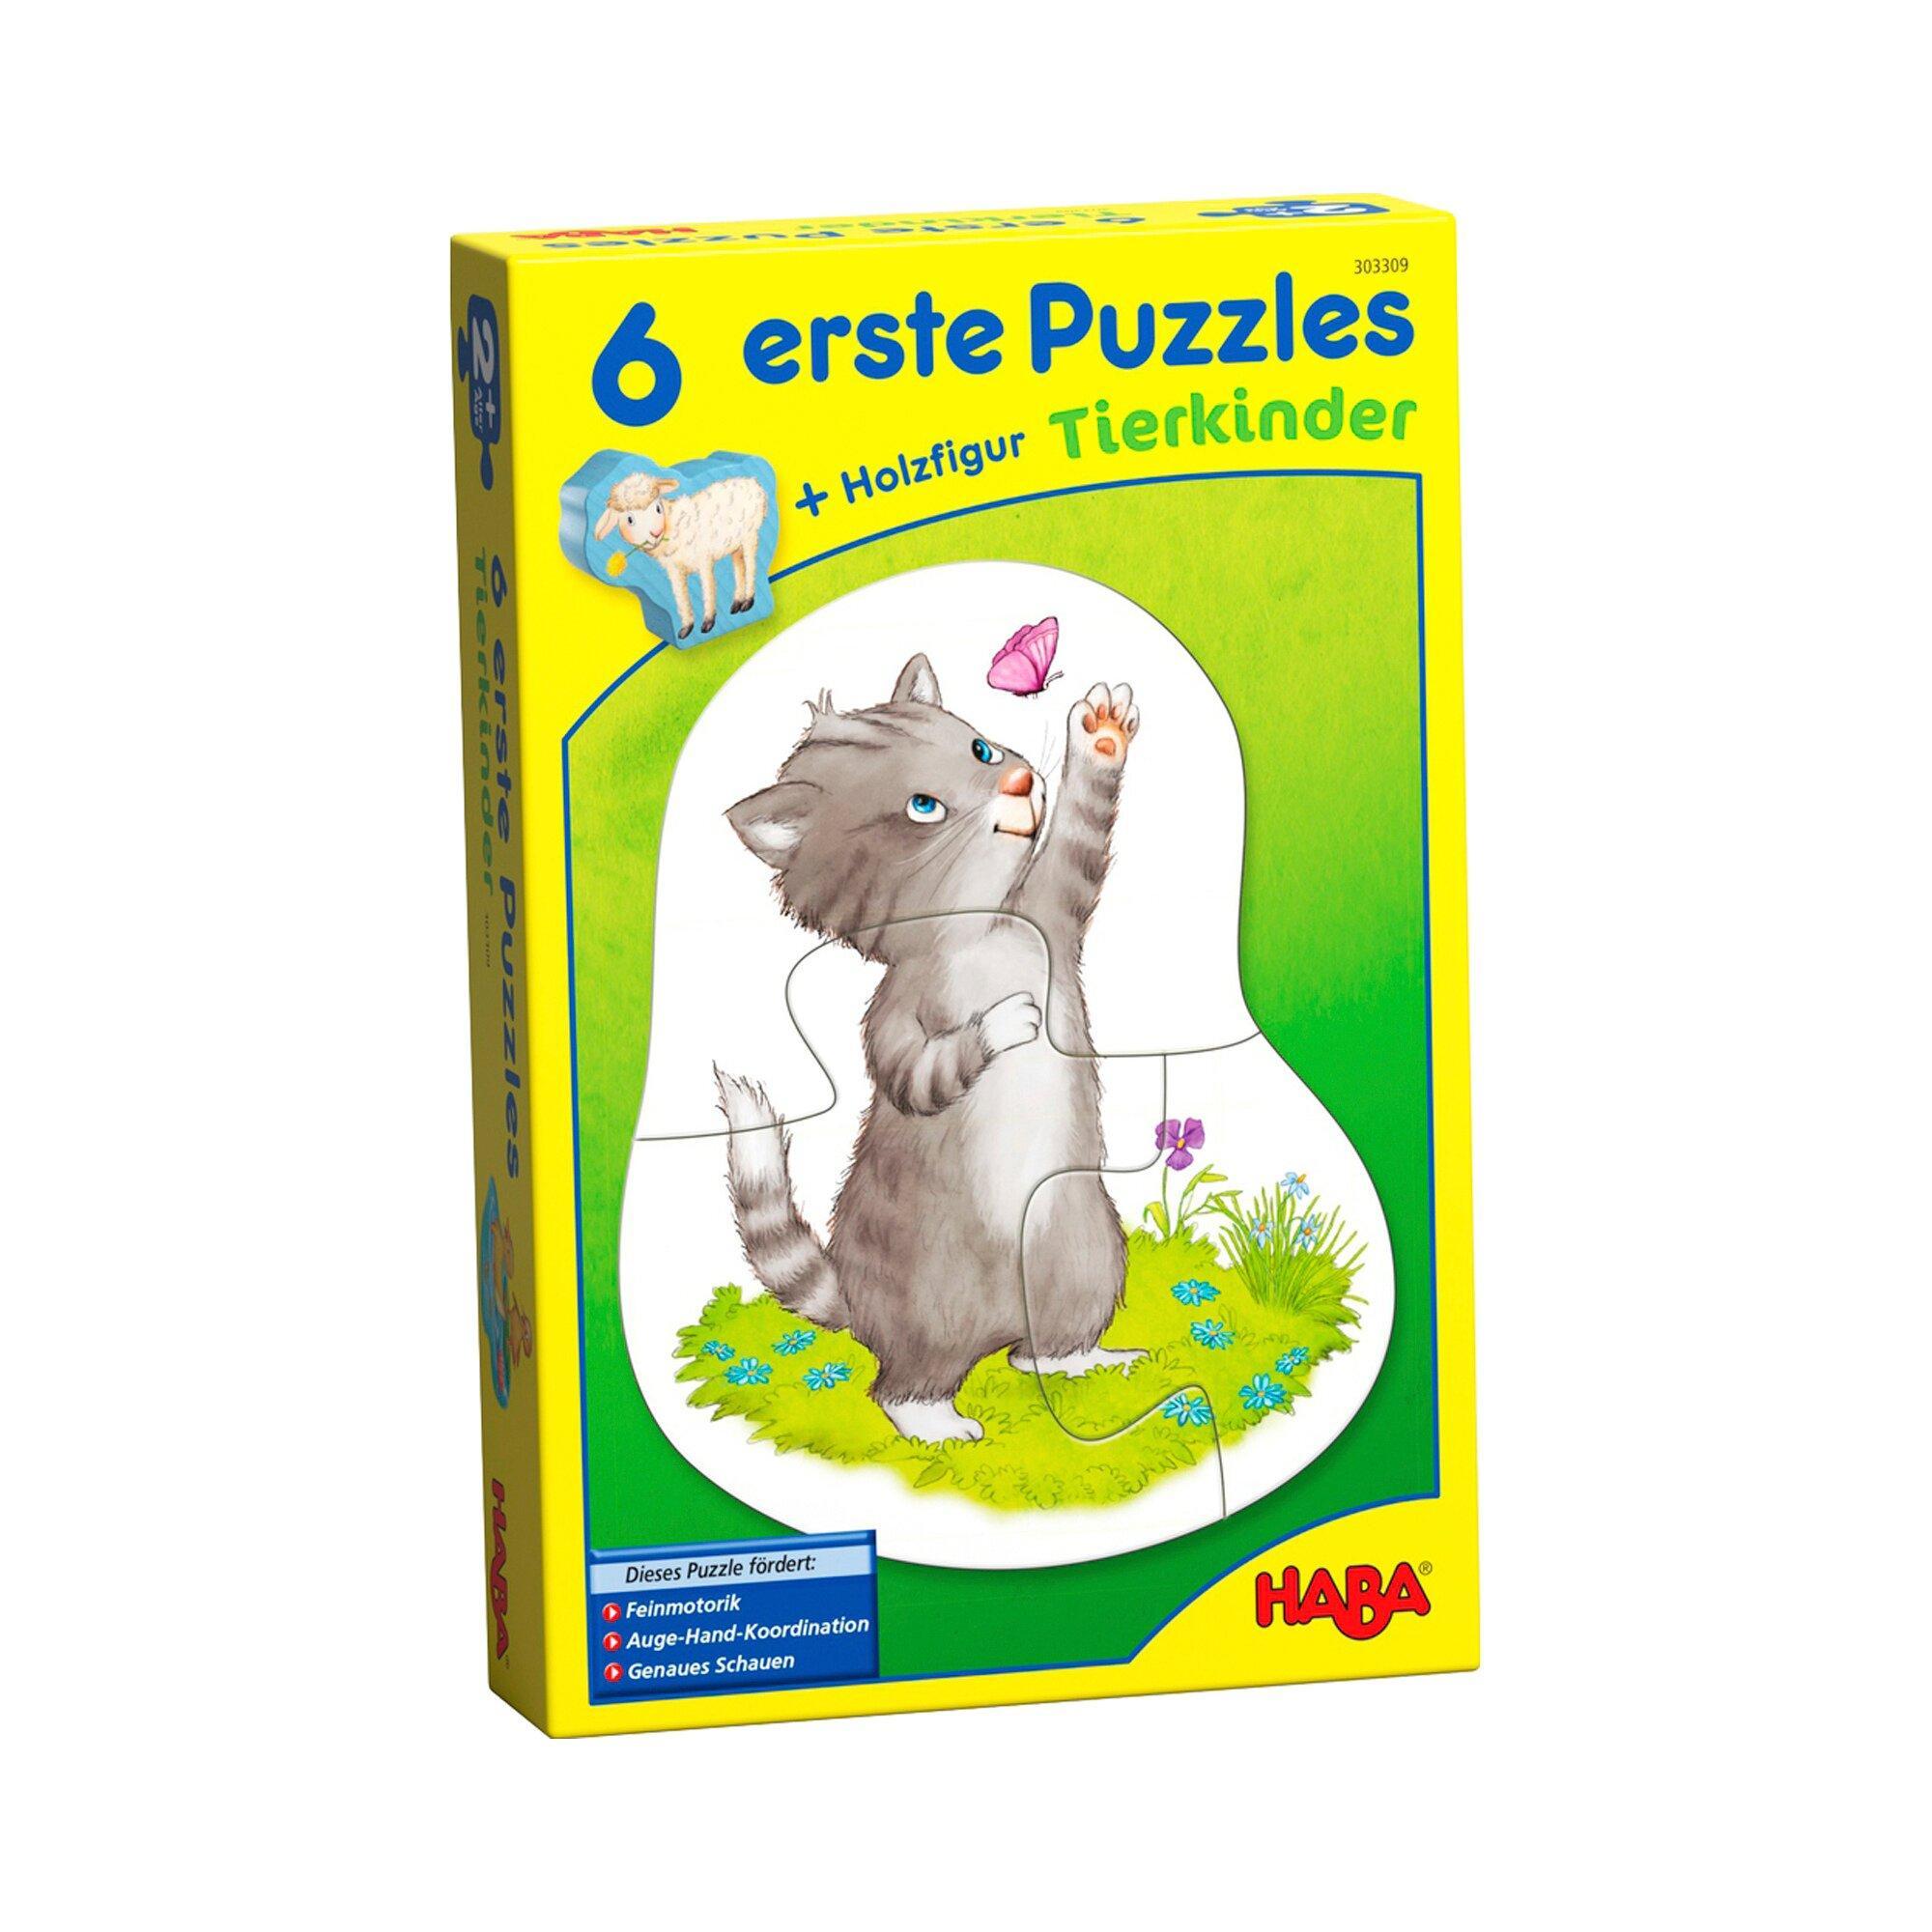 6 erste Puzzles - Tierkinder